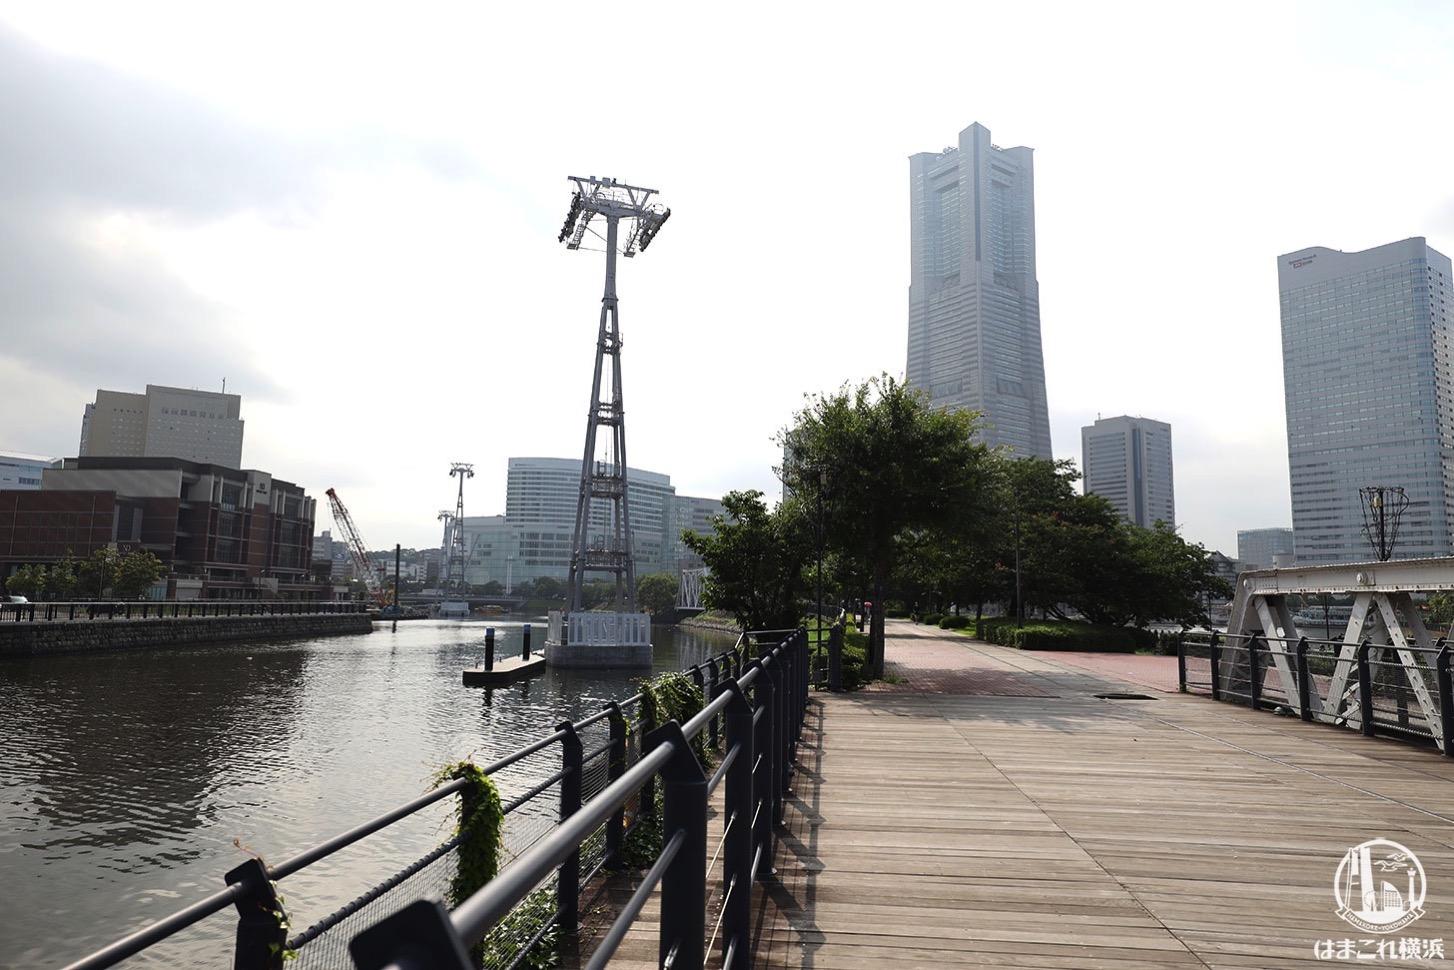 汽車道横 運河のロープウェイ支柱